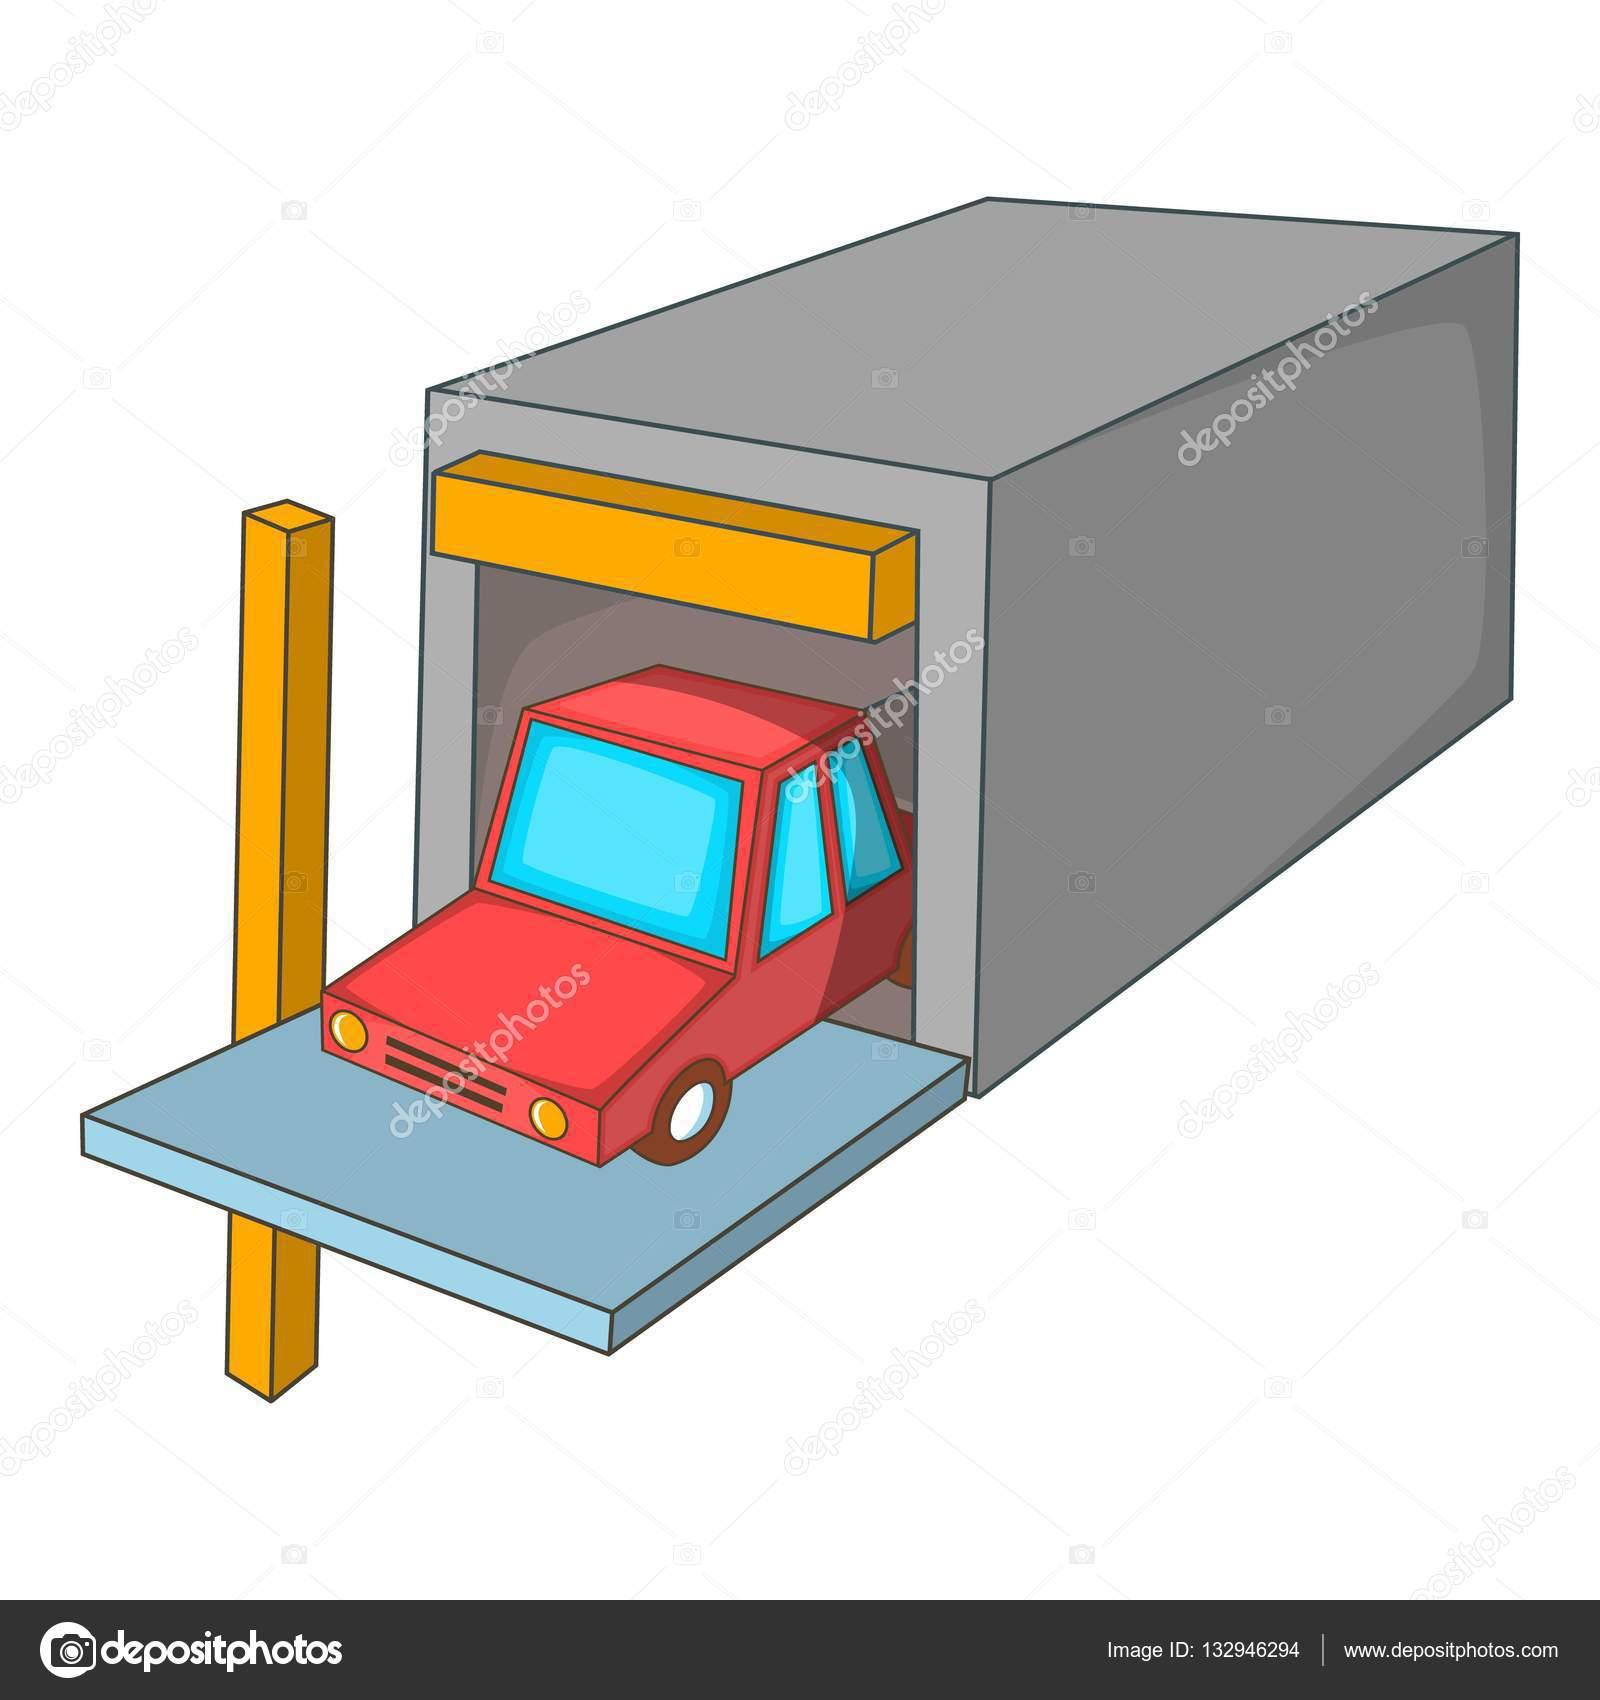 Animado garage dibujo icono de coche garaje estilo de - Garaje de coches ...